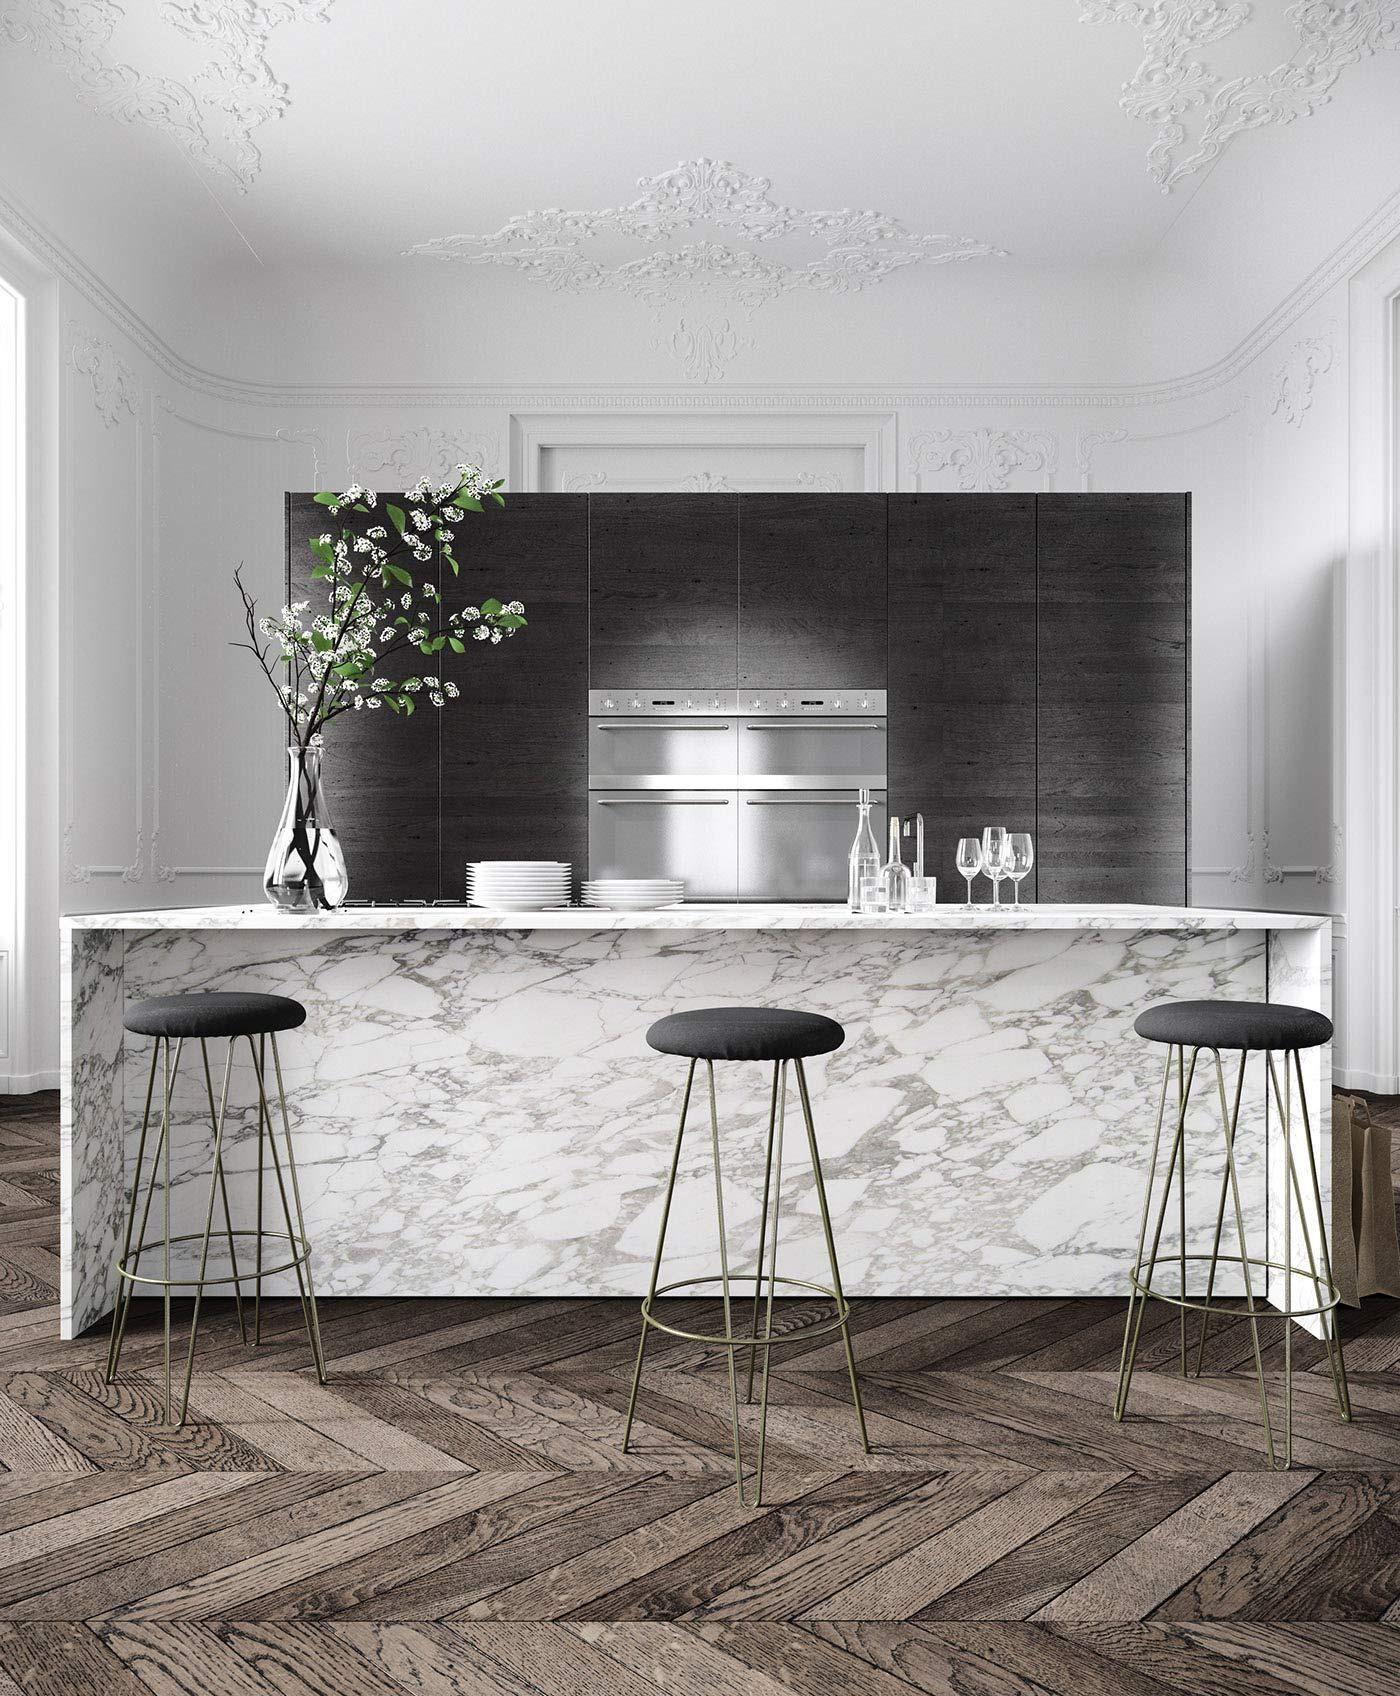 Paris Apartment by Jessica Vedel | Pinterest | Parisian apartment ...